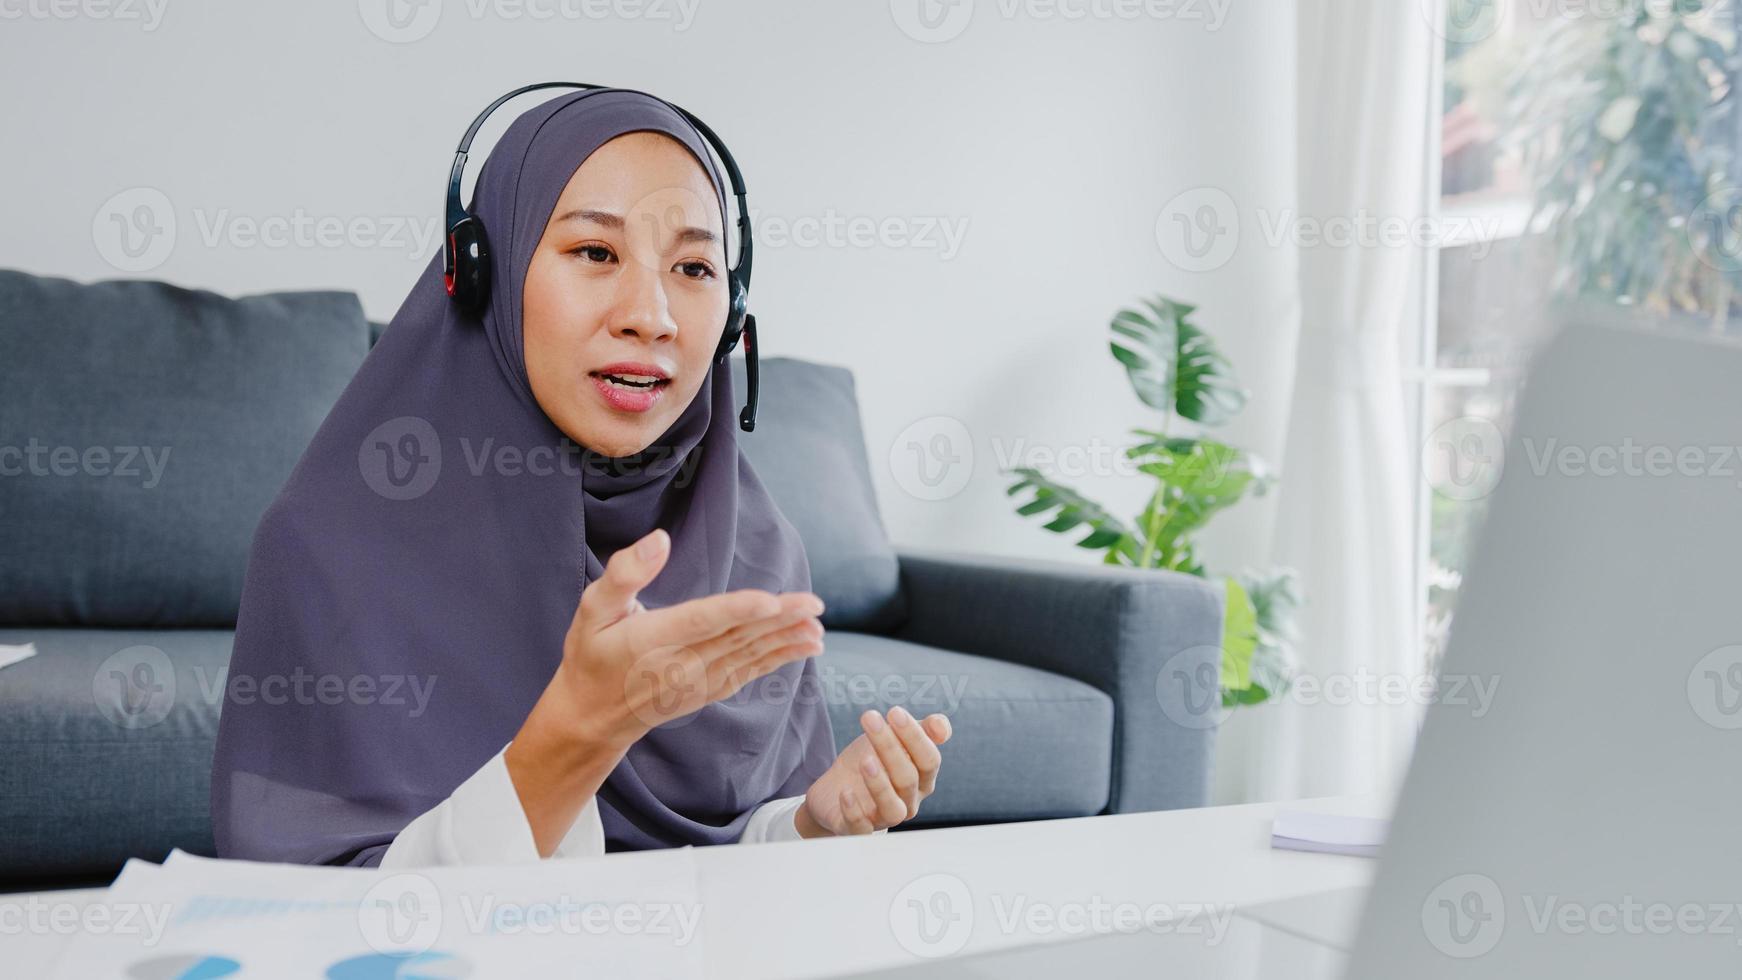 Asia dama musulmana usa auriculares usando una computadora portátil, hable con sus colegas sobre el plan en una videoconferencia mientras trabaja desde su casa en la sala de estar. distanciamiento social, cuarentena para la prevención del coronavirus. foto